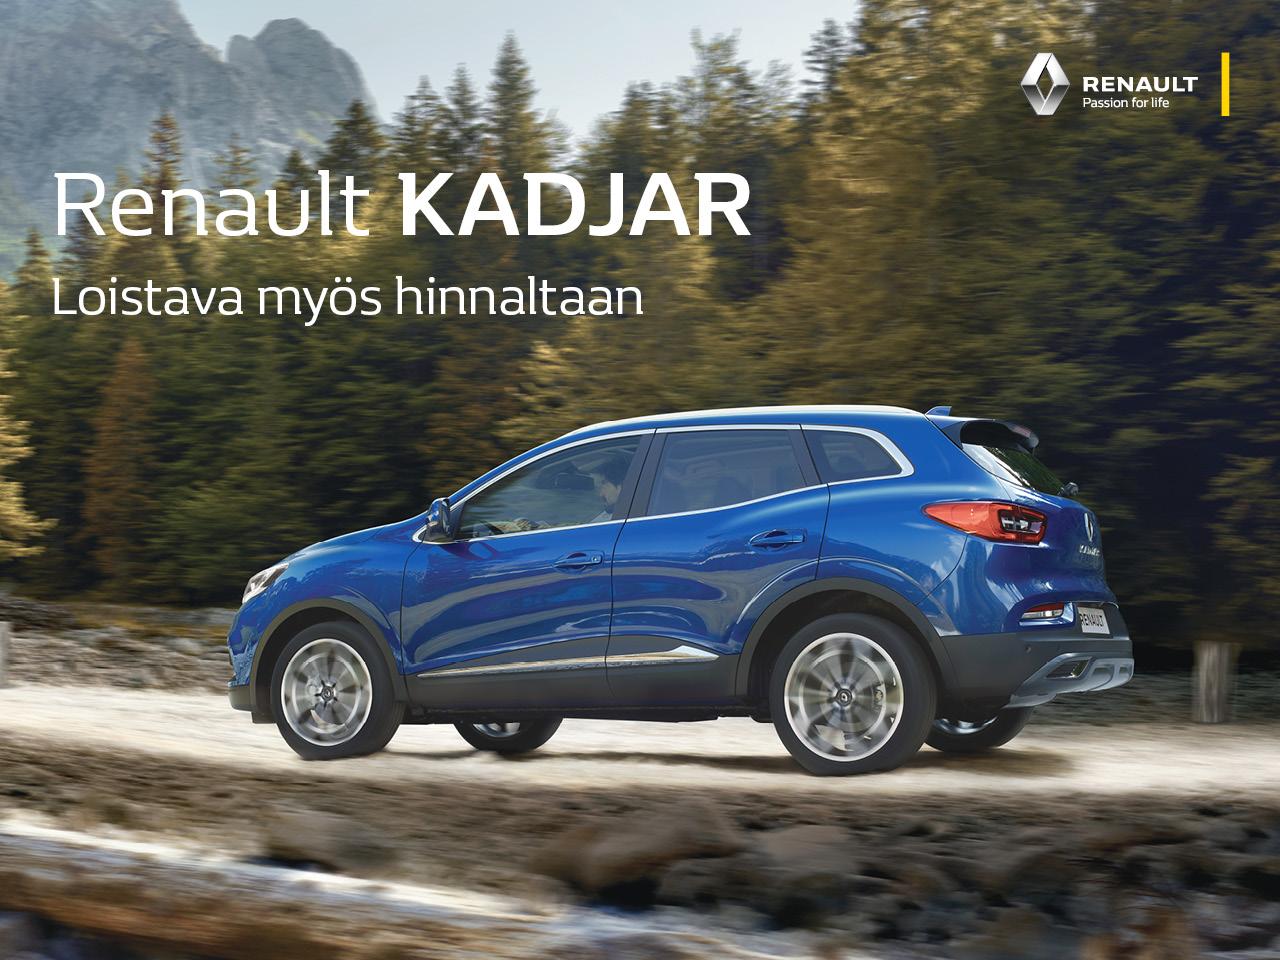 Renault Kadjar - loistava myös hinnaltaan